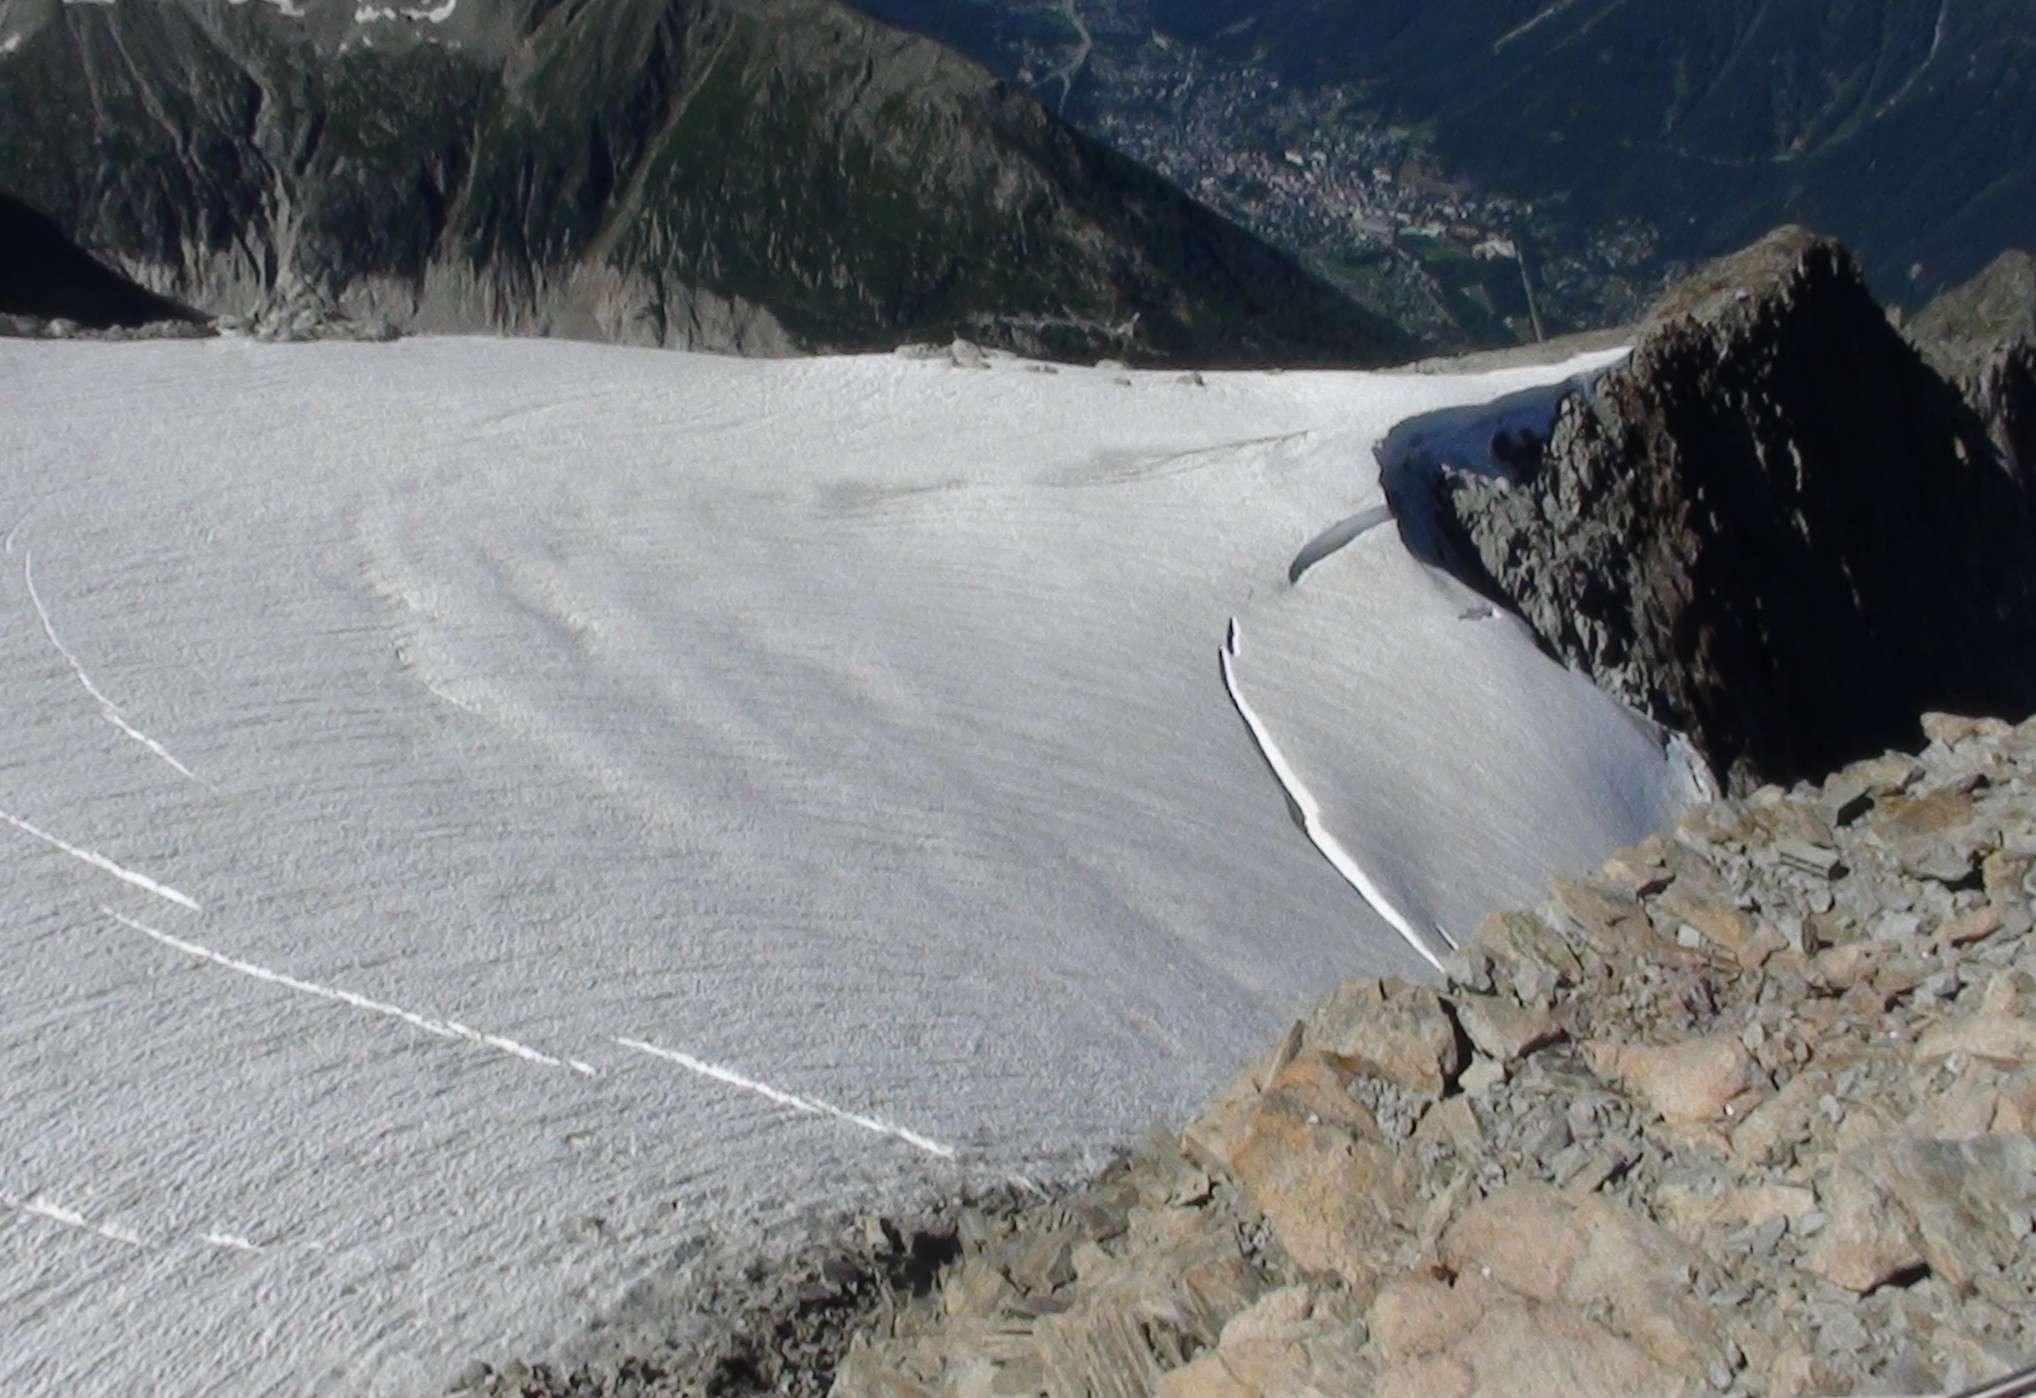 Recul glaciaire et ses conséquences. - Page 2 Dsc01013